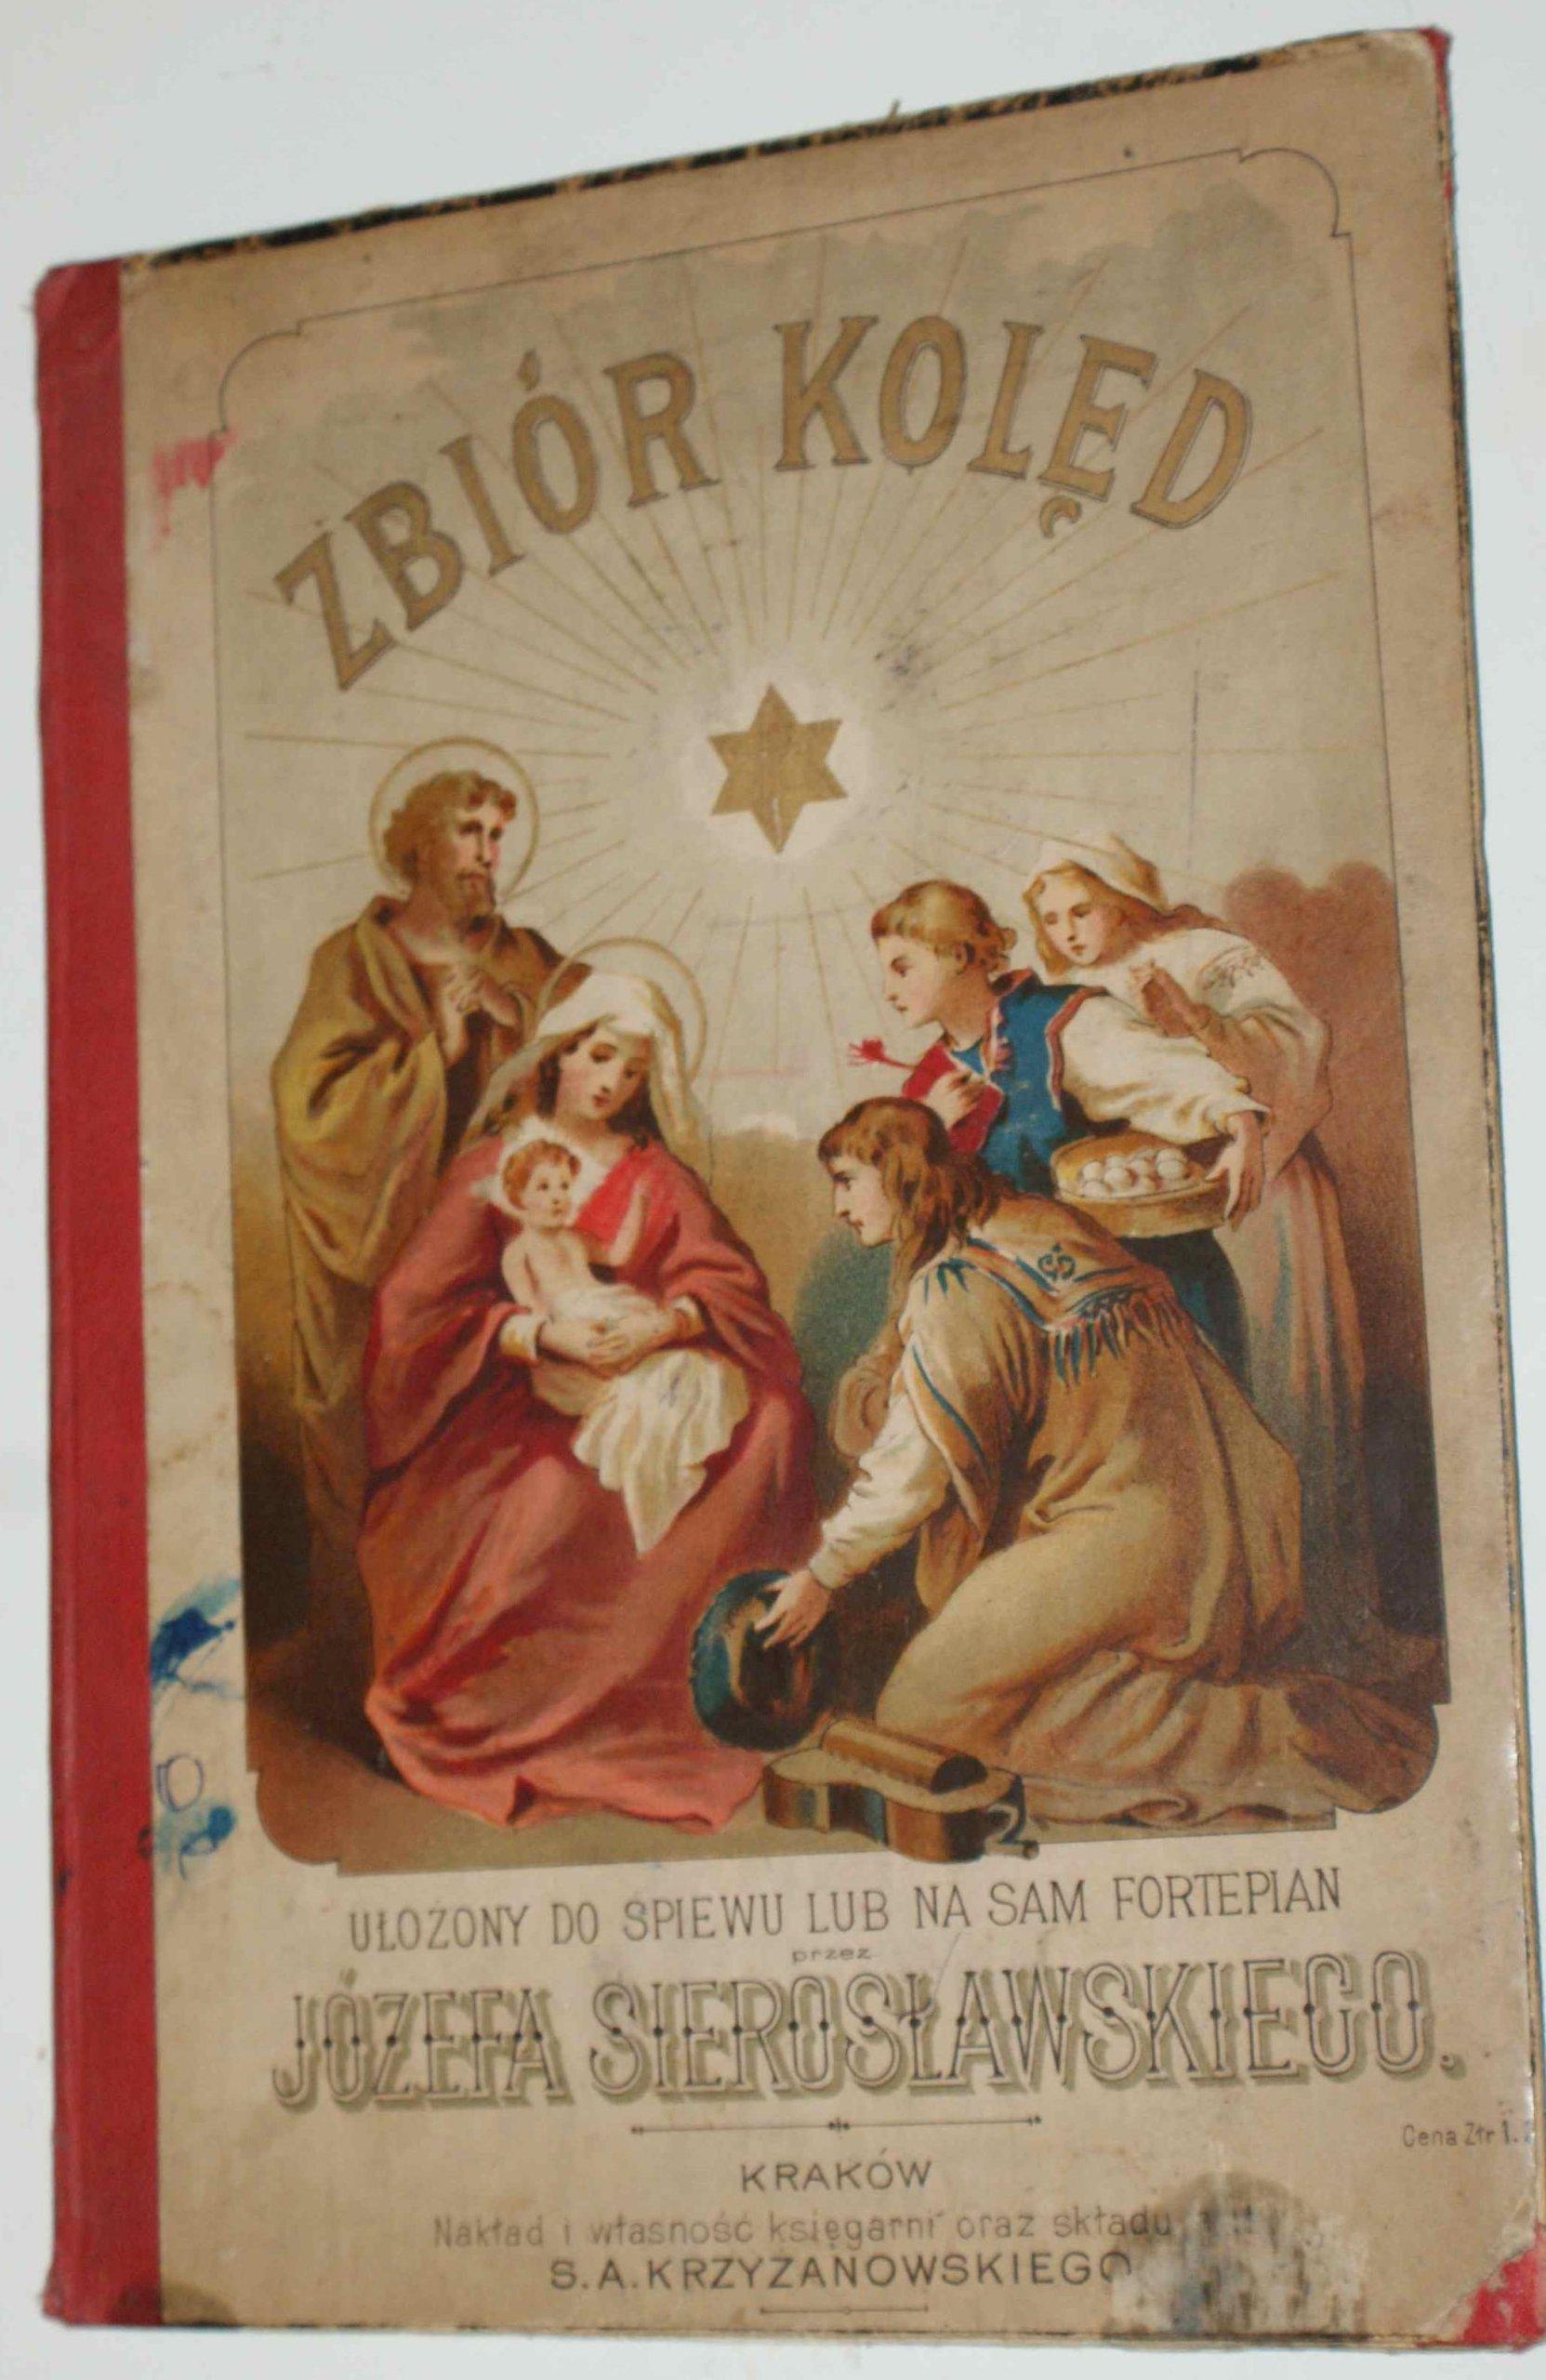 ZBIÓR KOLĘD JÓZEFA SIEROSŁAWSKIEGO SECESJA 1894